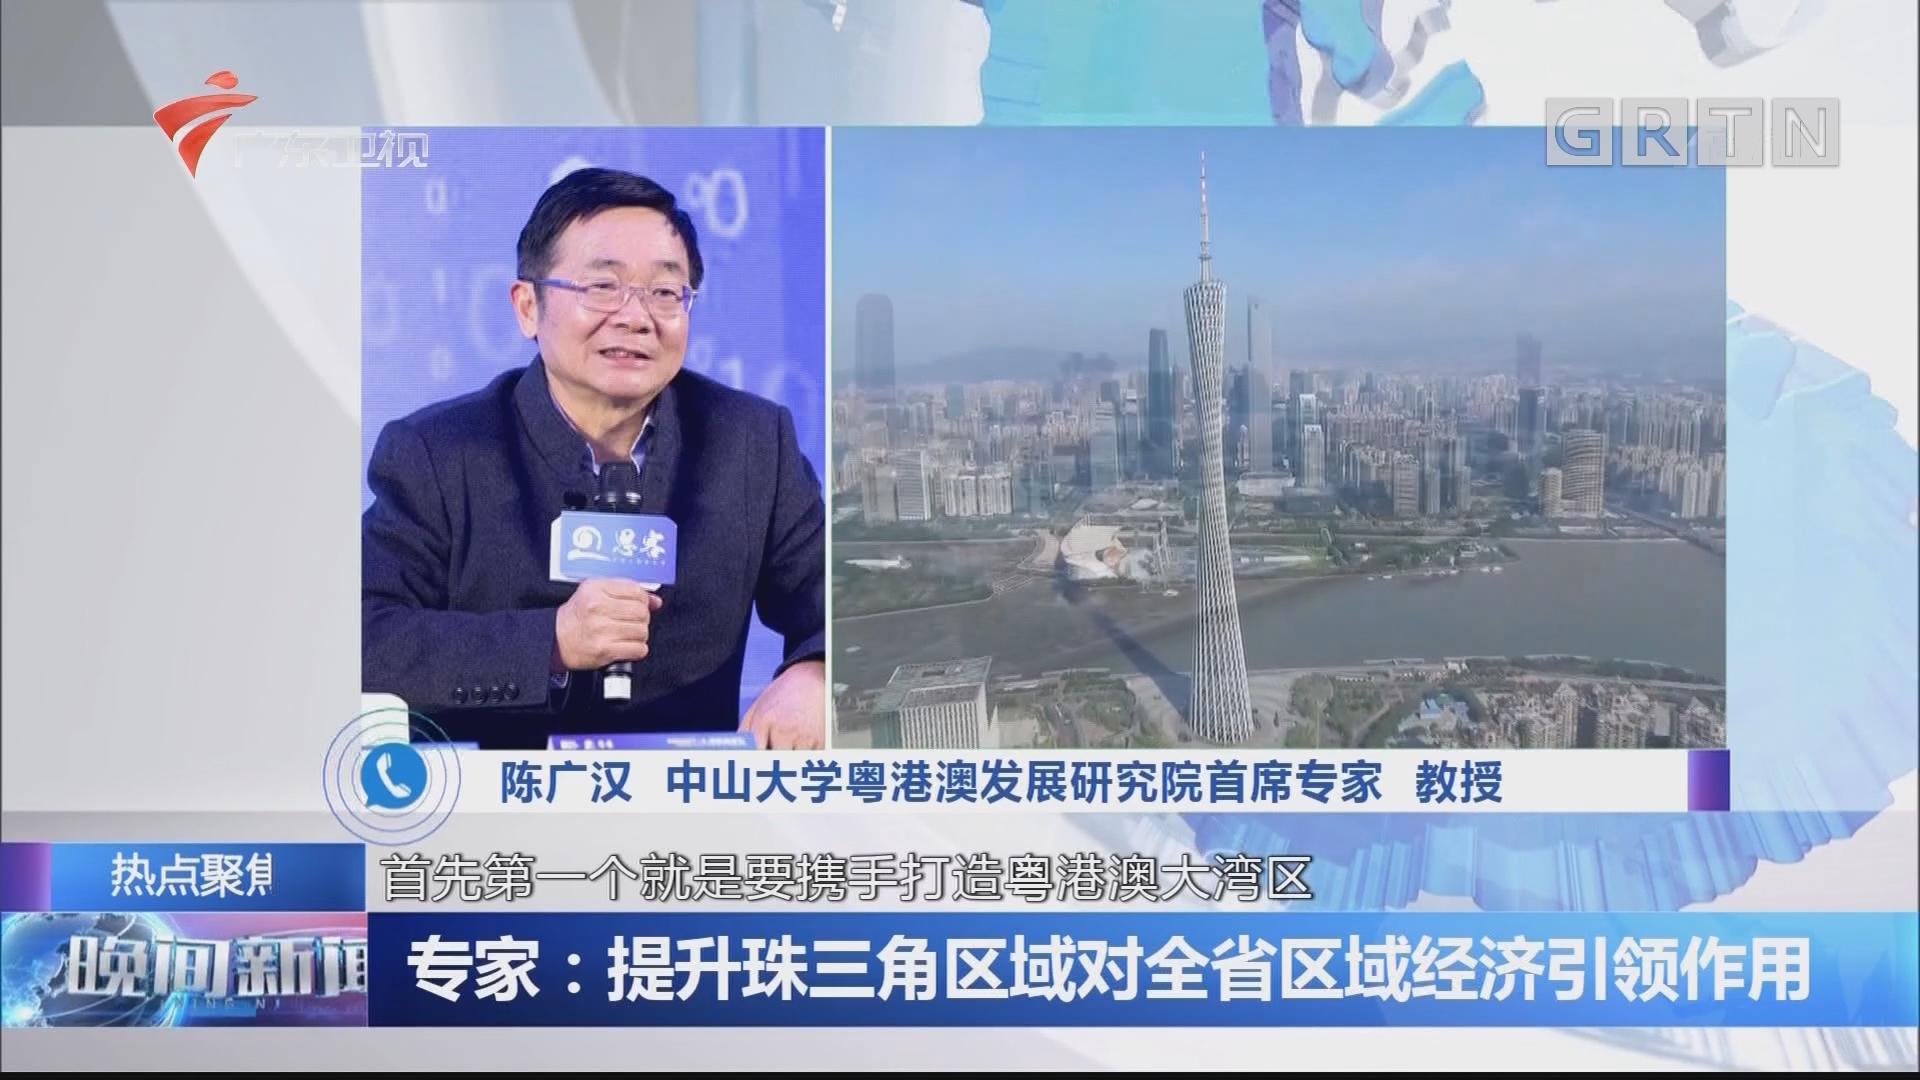 专家:提升珠三角区域对全省区域经济引领作用